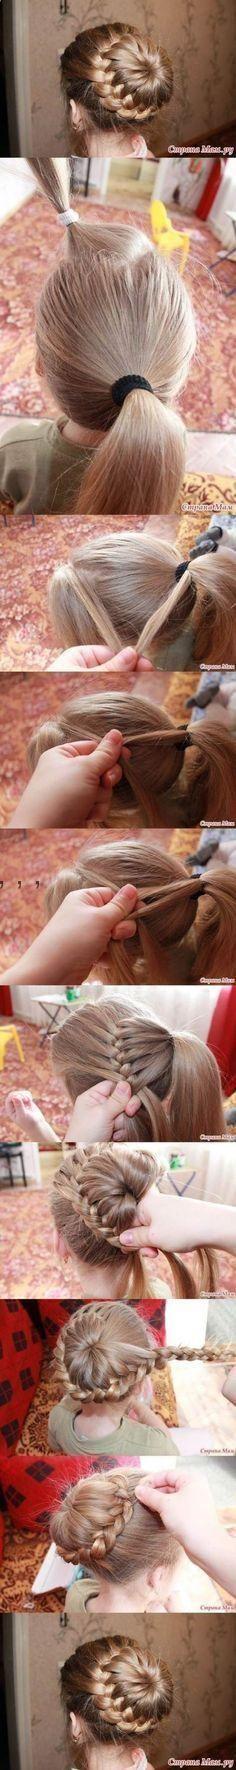 Duttkissen sind mögliche Haare zur Schule oder Hause. An diesem Foto können Sie selbst lernen,wie es gemacht haben.Die Bilder sind sehr deutlich und klar. source :